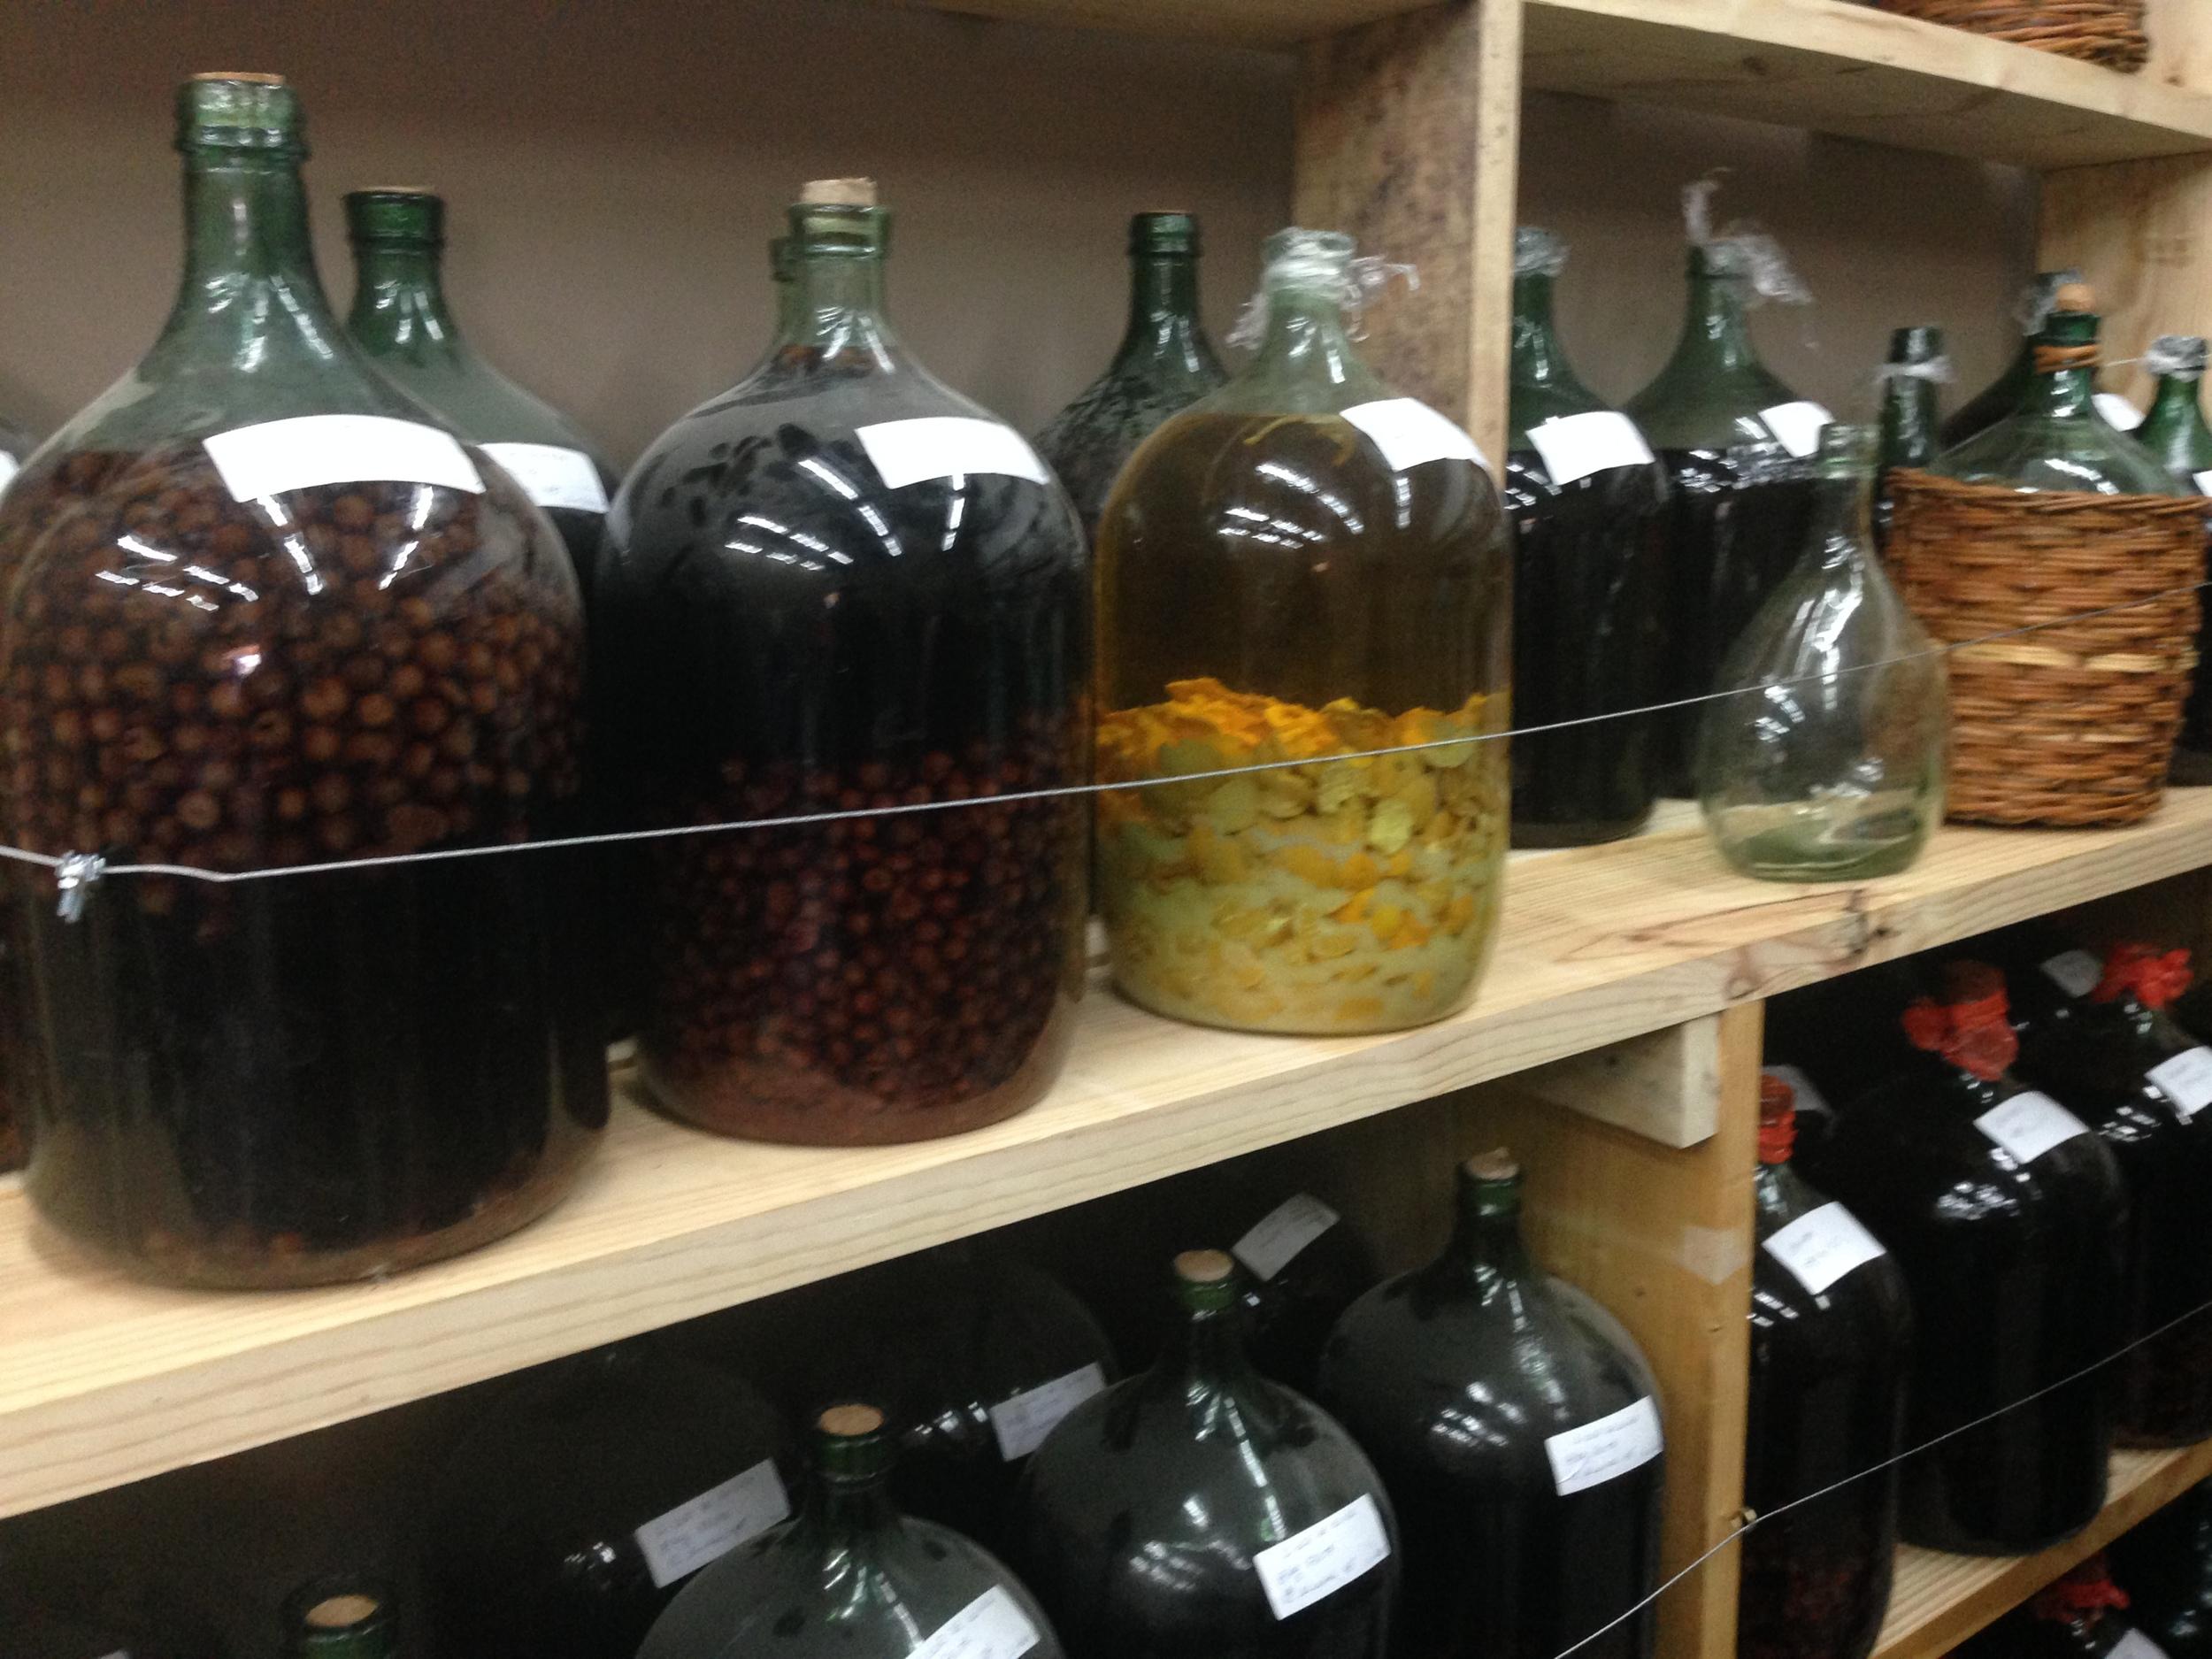 Fruit liqueurs aging in vintage bottles.